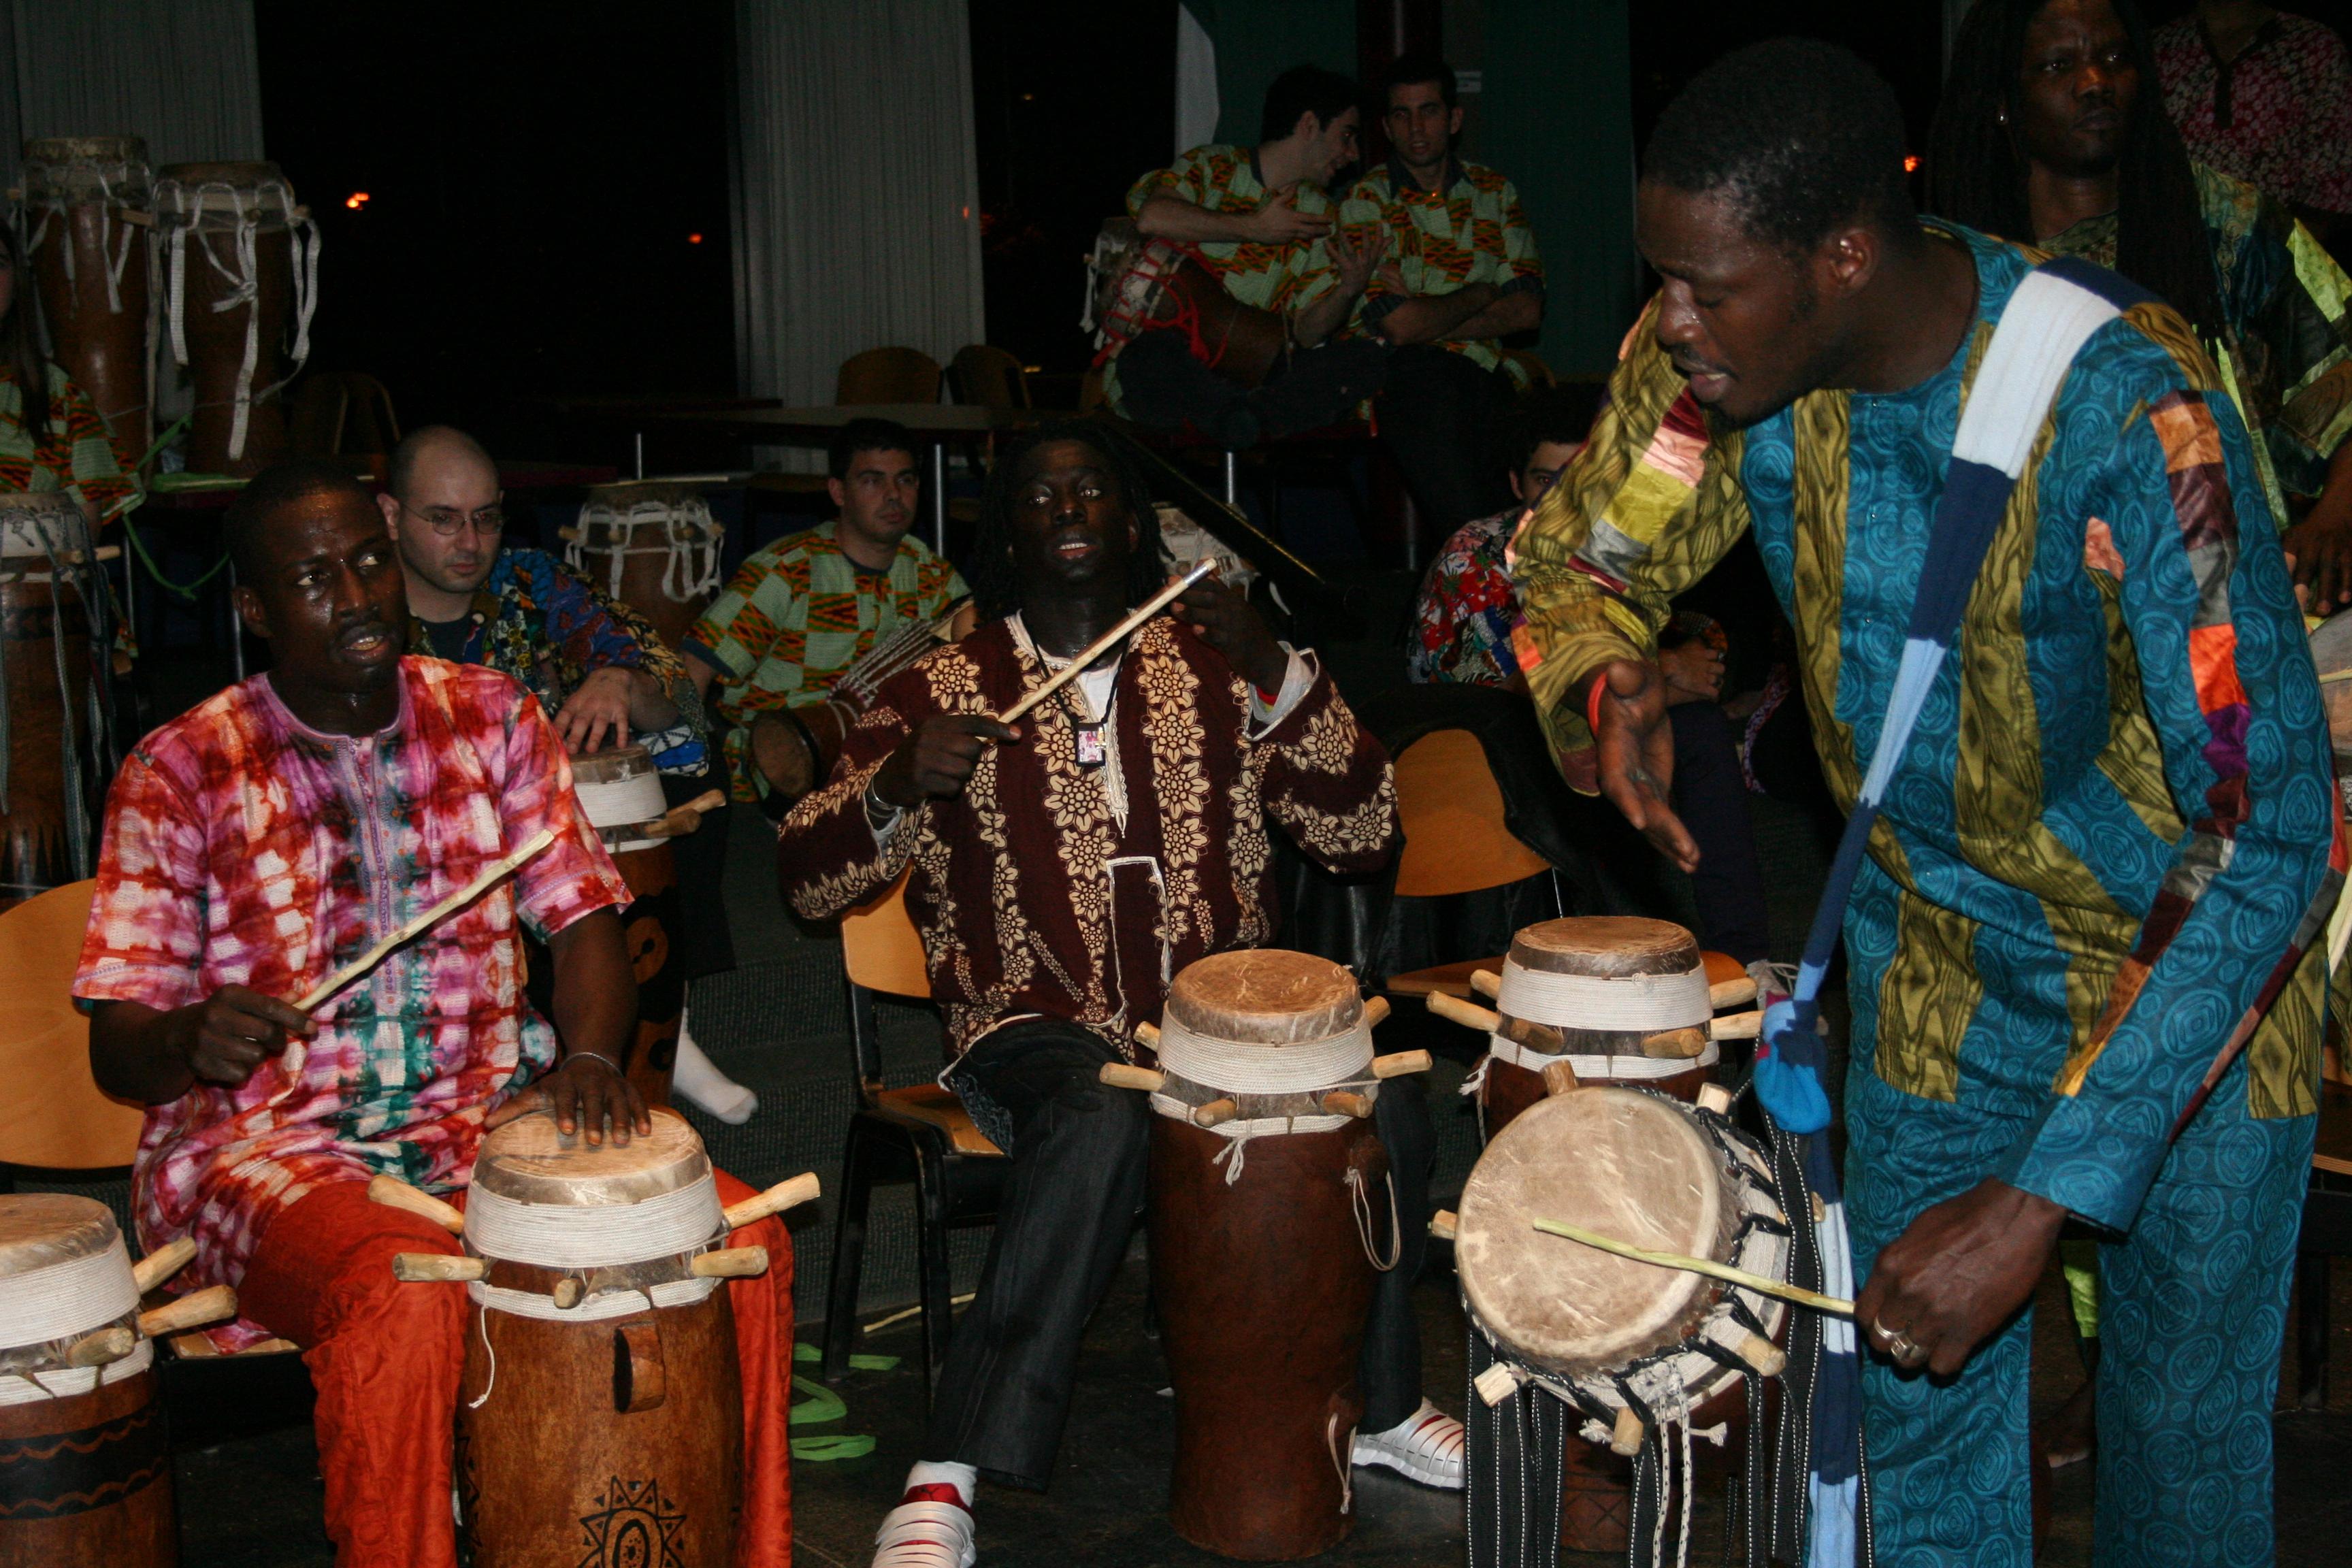 Aziz Faye, Moha Seck and Moustapha Faye play together.